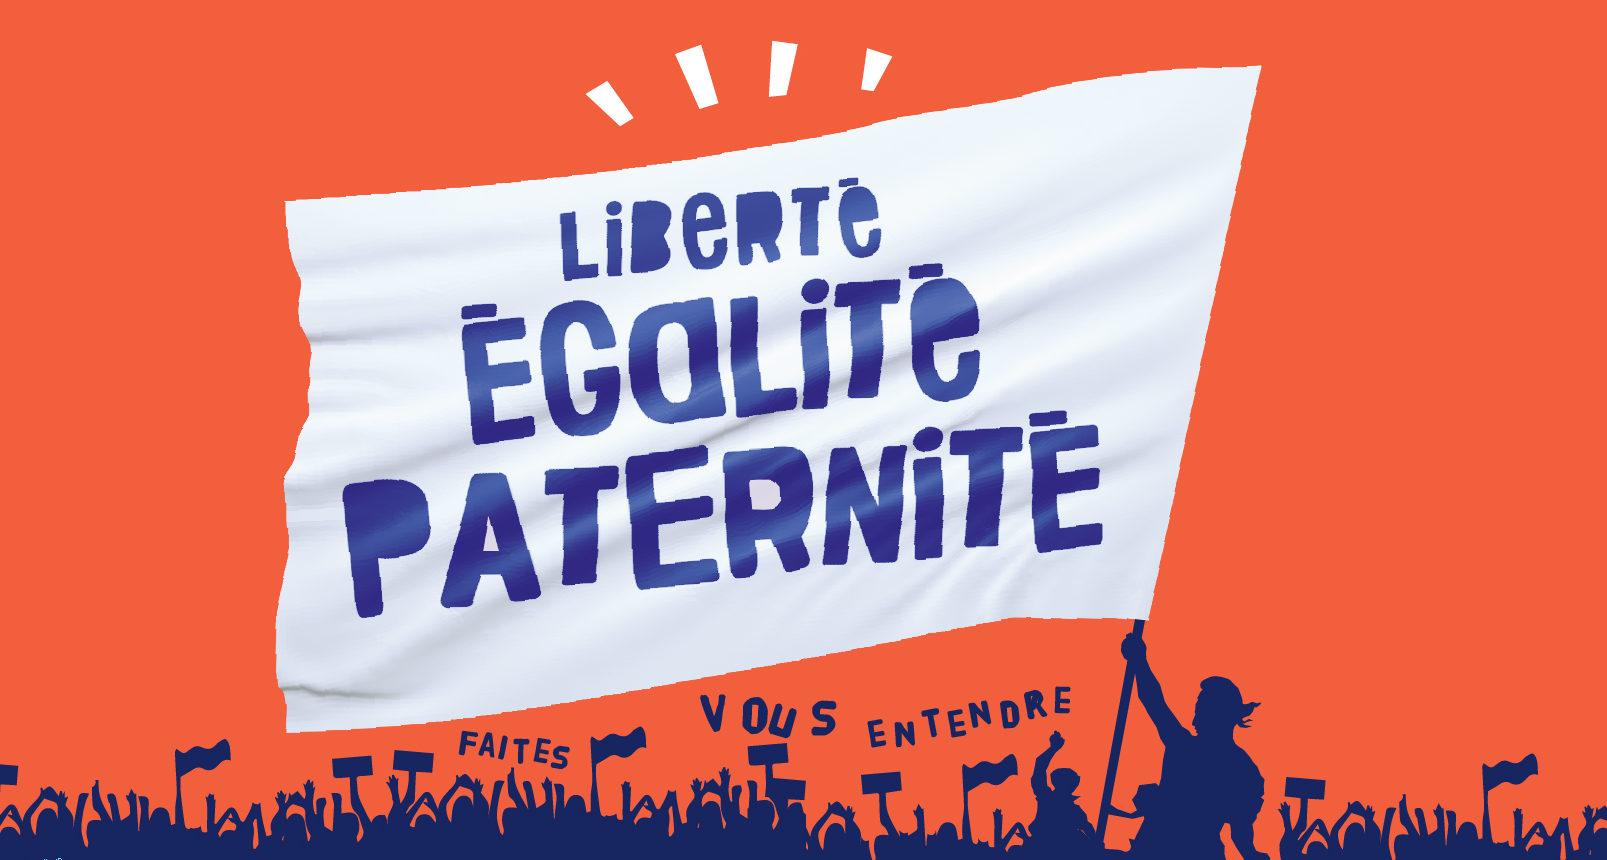 Image - Communiqué de presse – Marchons enfants: Manifestation nationale unitaire contre le projet de loi bioéthique le dimanche 6 octobre 2019 à Paris